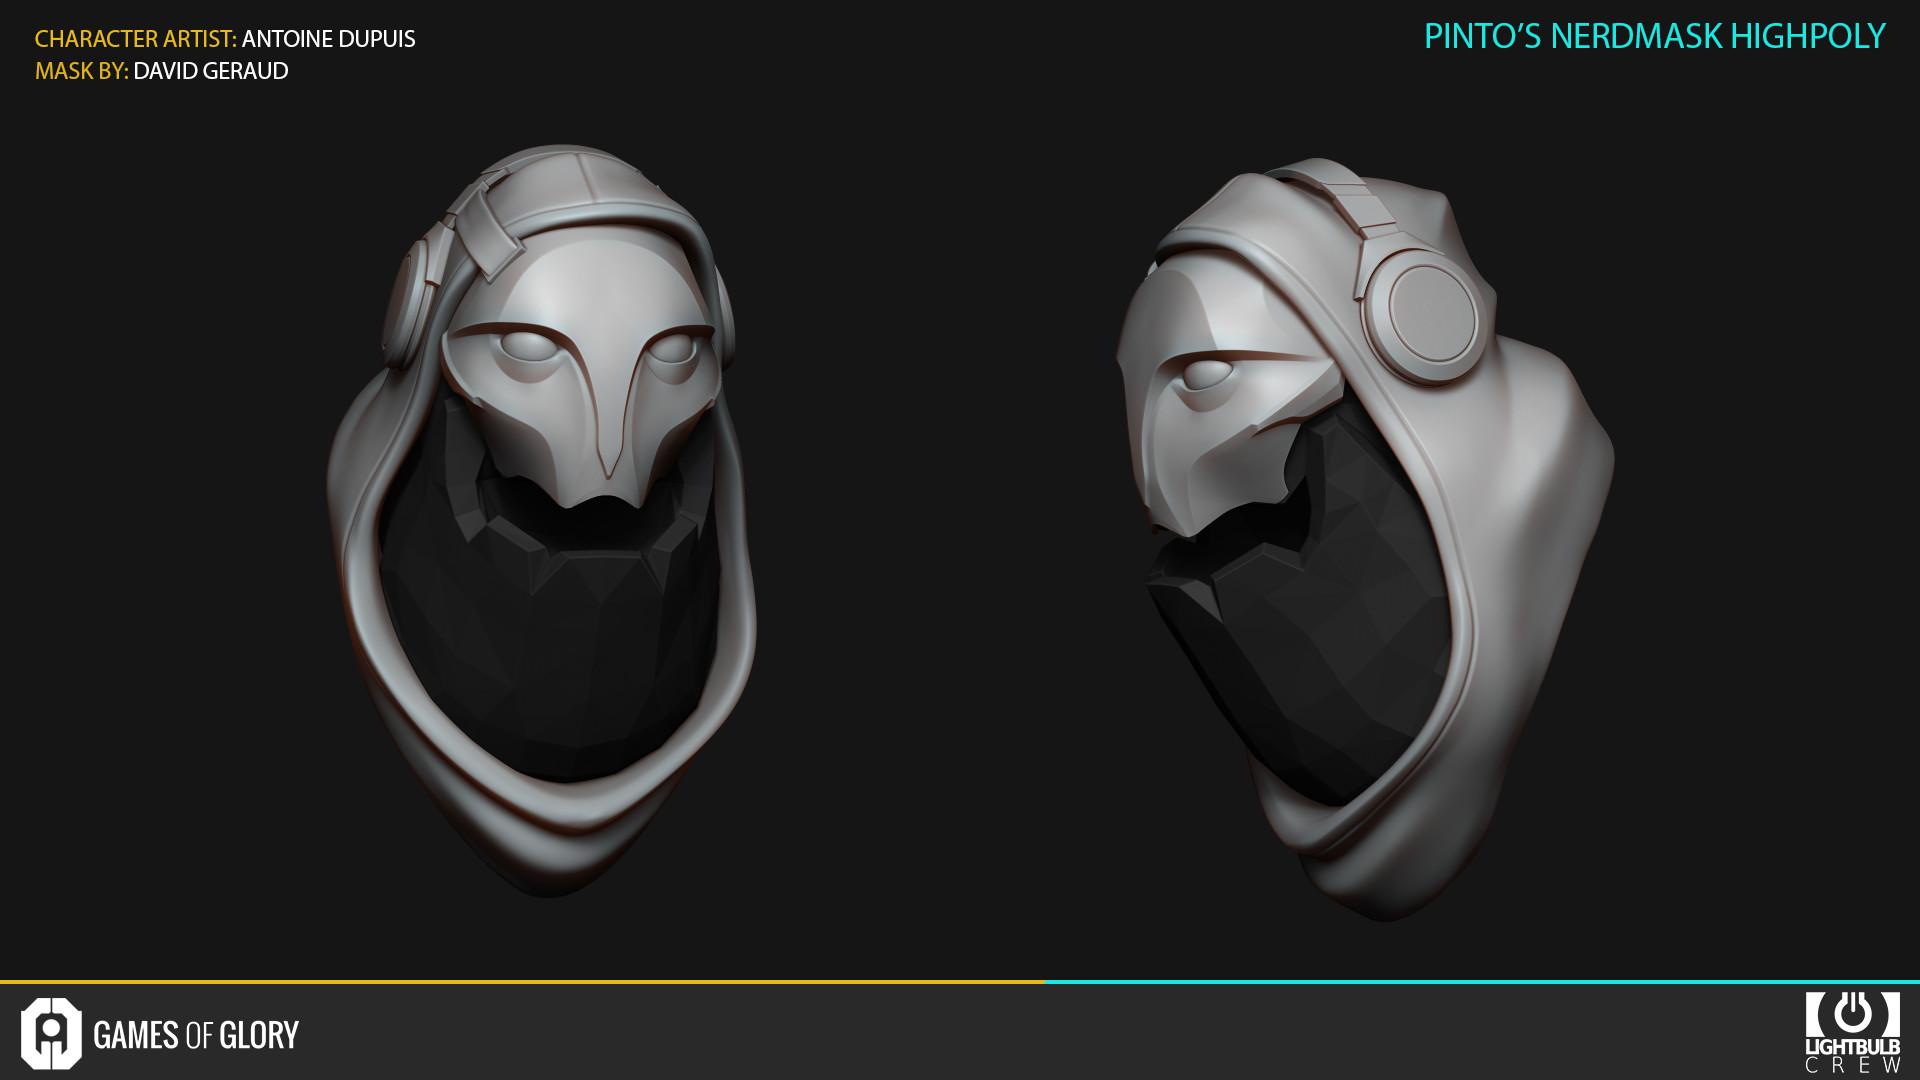 Antoine dupuis 10 pintonerdmask